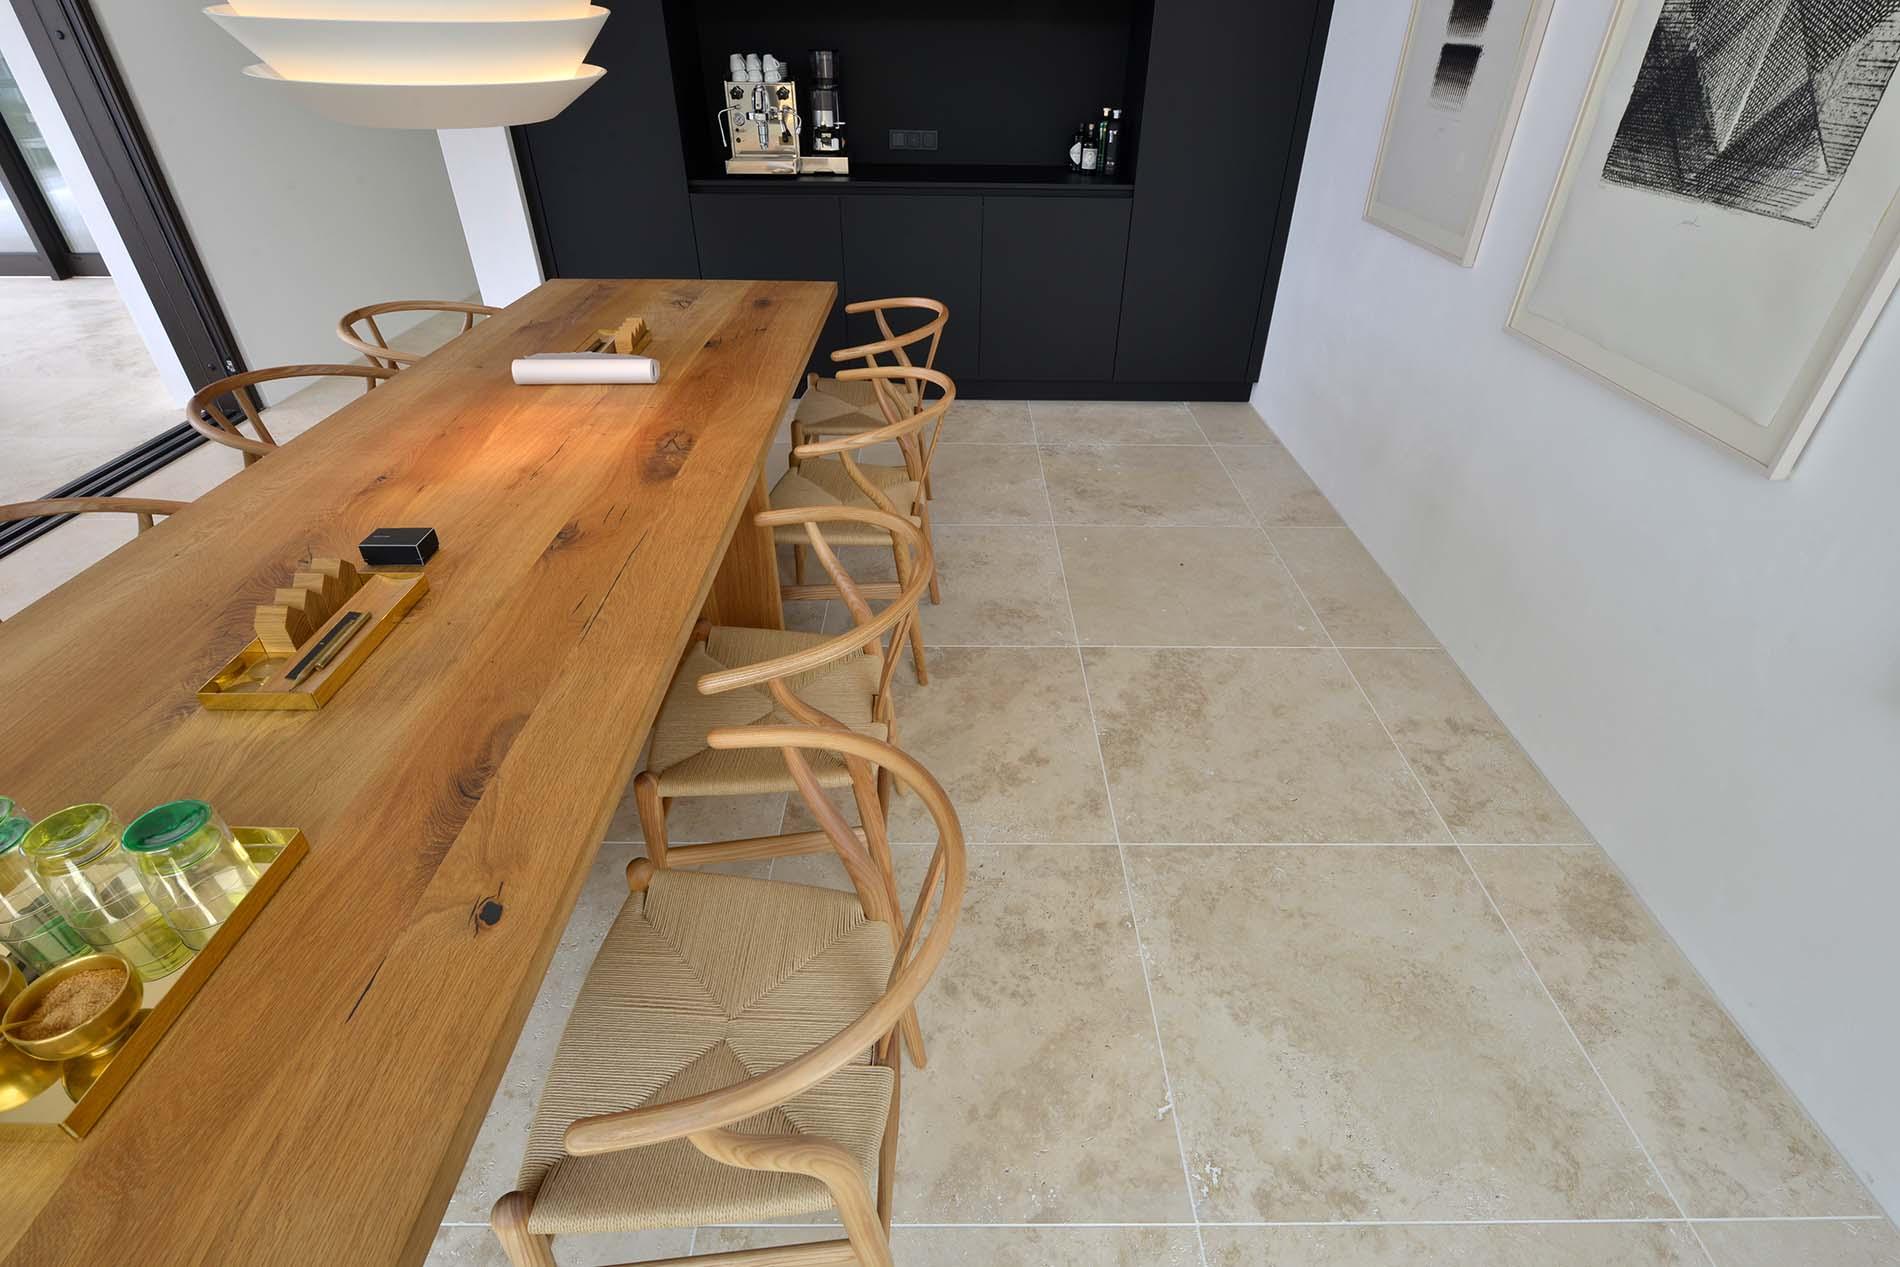 Naturstein Küchenboden aus Bauhaus Travertin